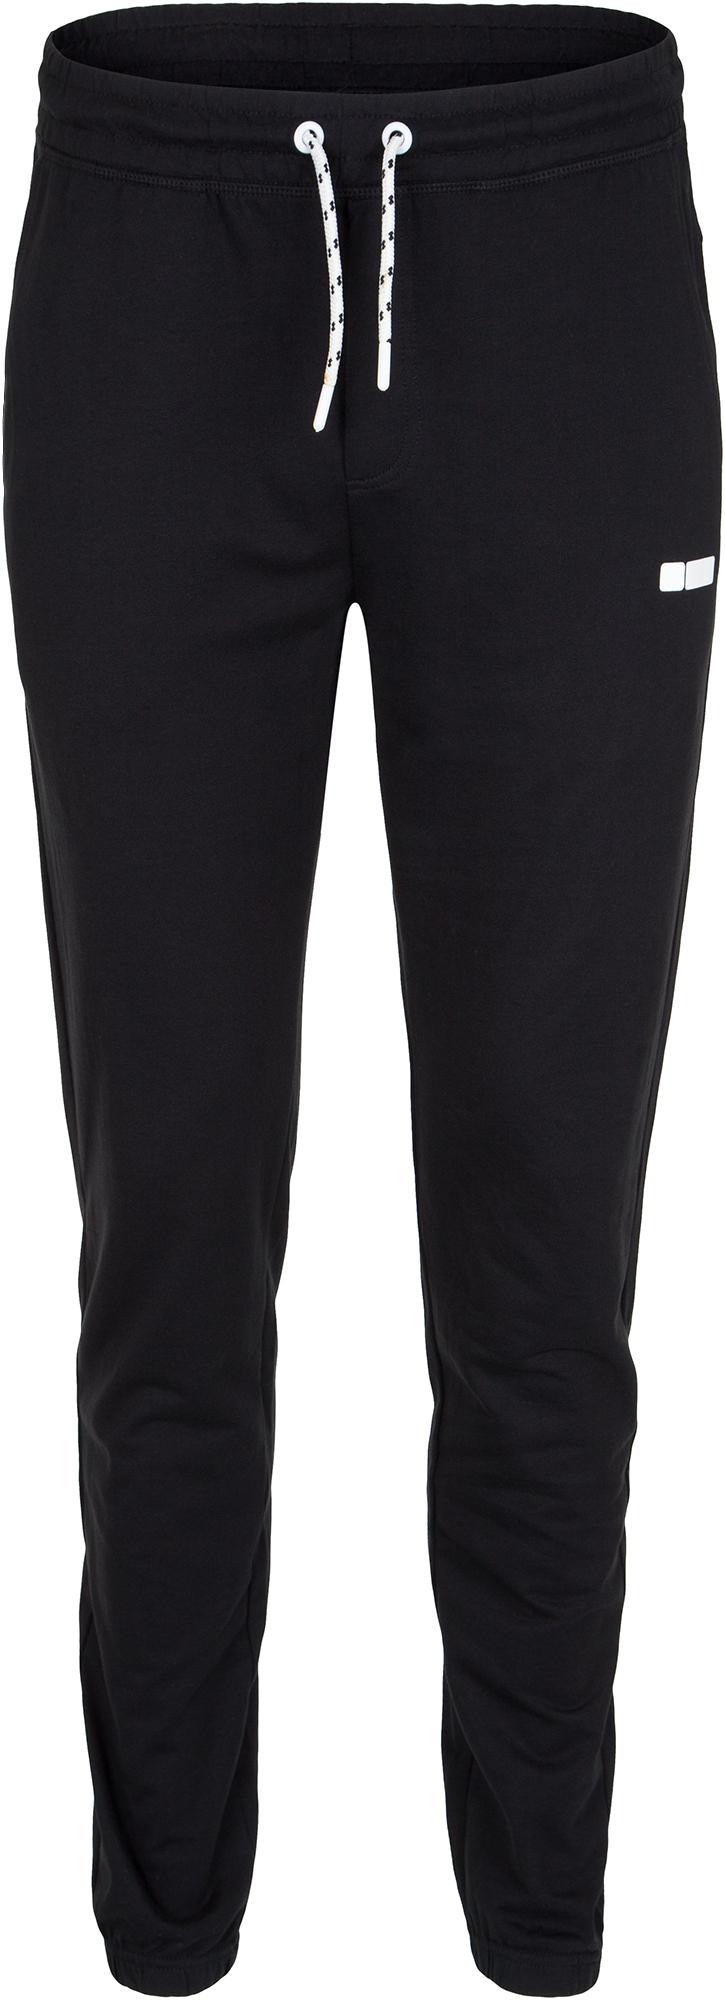 Freddy Брюки мужские Freddy Basic Cotton, размер 54-56 цены онлайн